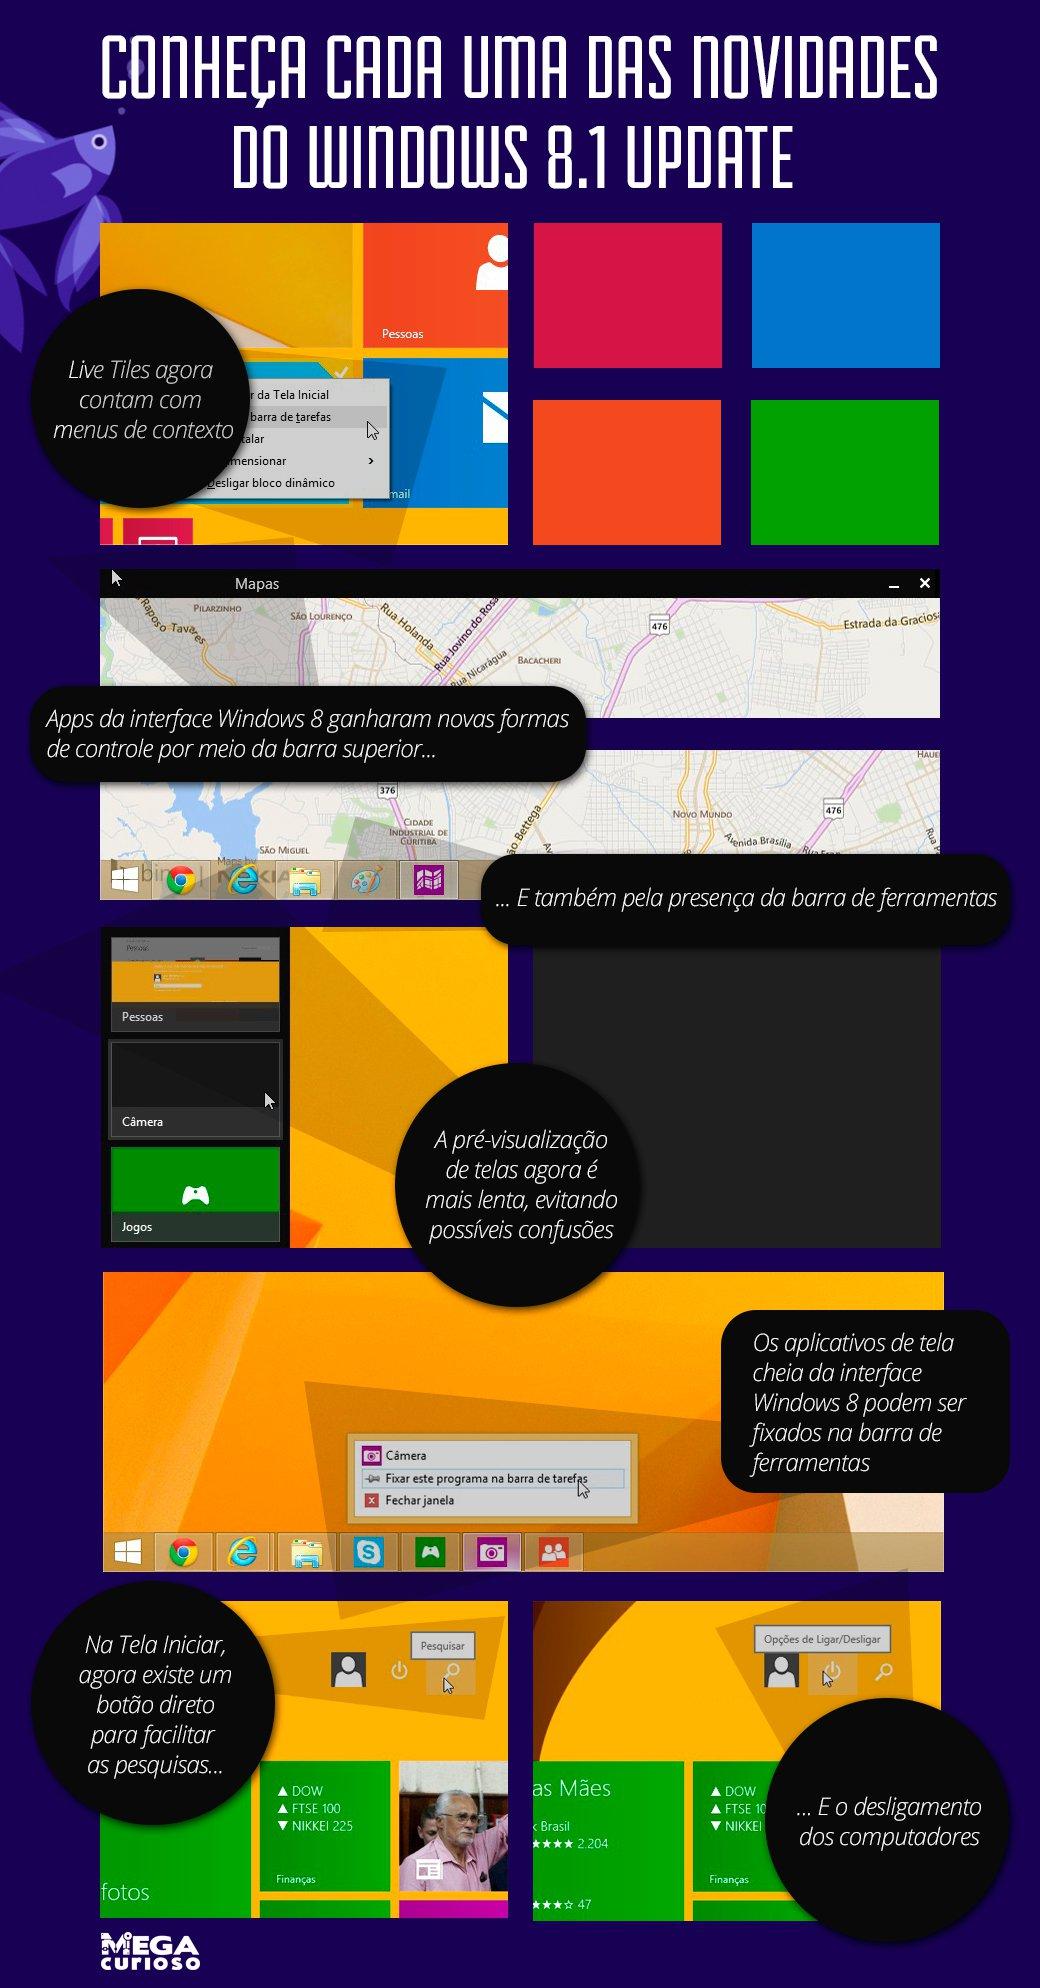 Conheça cada uma das novidades do Windows 8.1 Update [infográfico]